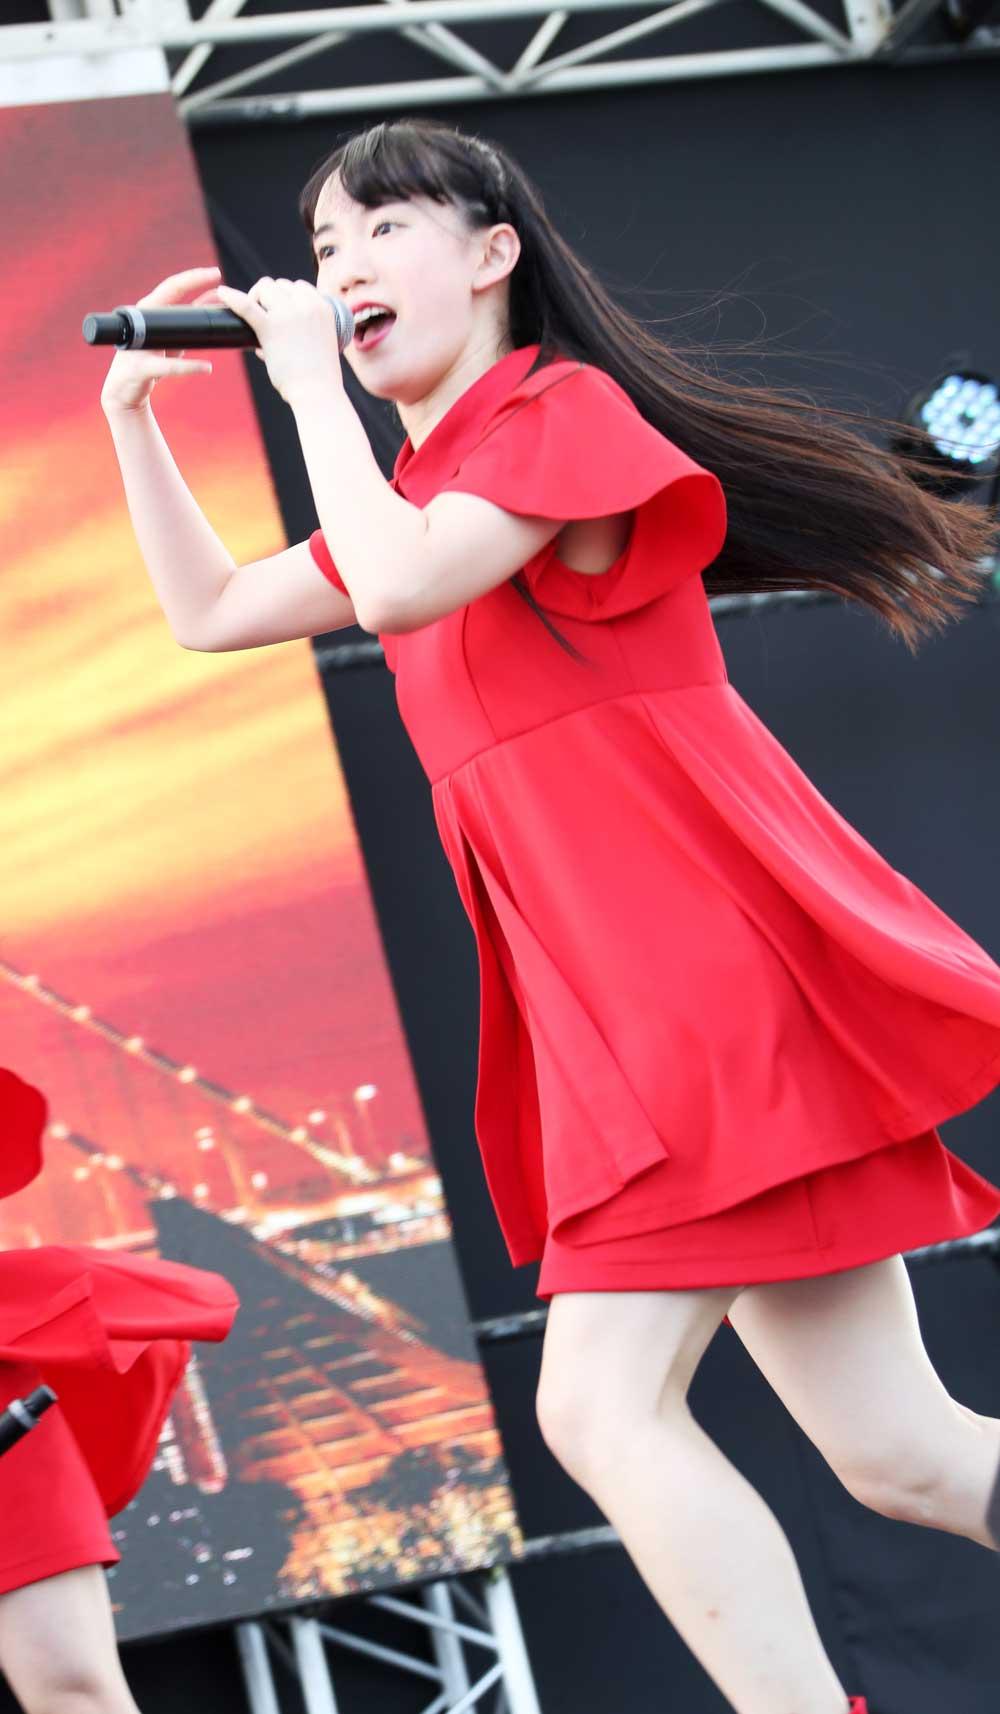 Images : 14番目の画像 - 「九州女子翼/お台場に響き渡る咆哮。肉フェスステージで渾身のパフォーマンスを披露」のアルバム - Stereo Sound ONLINE